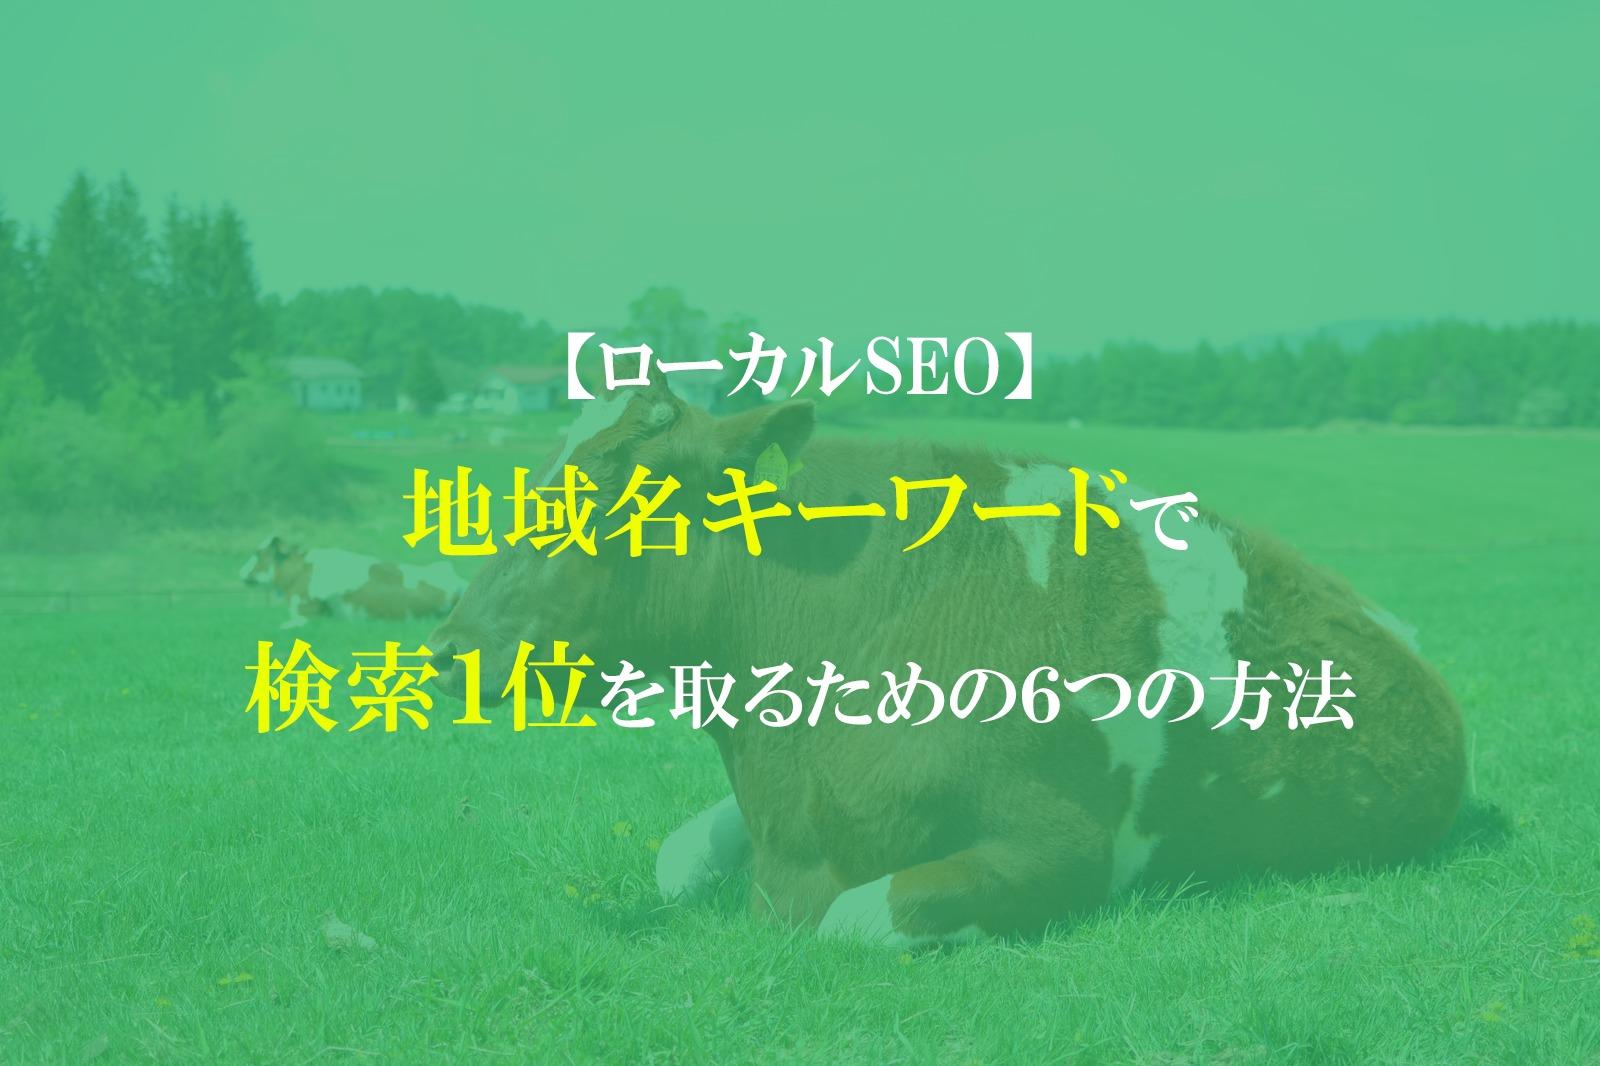 【ローカルSEO】地域名キーワードで検索1位を取るための6つの方法